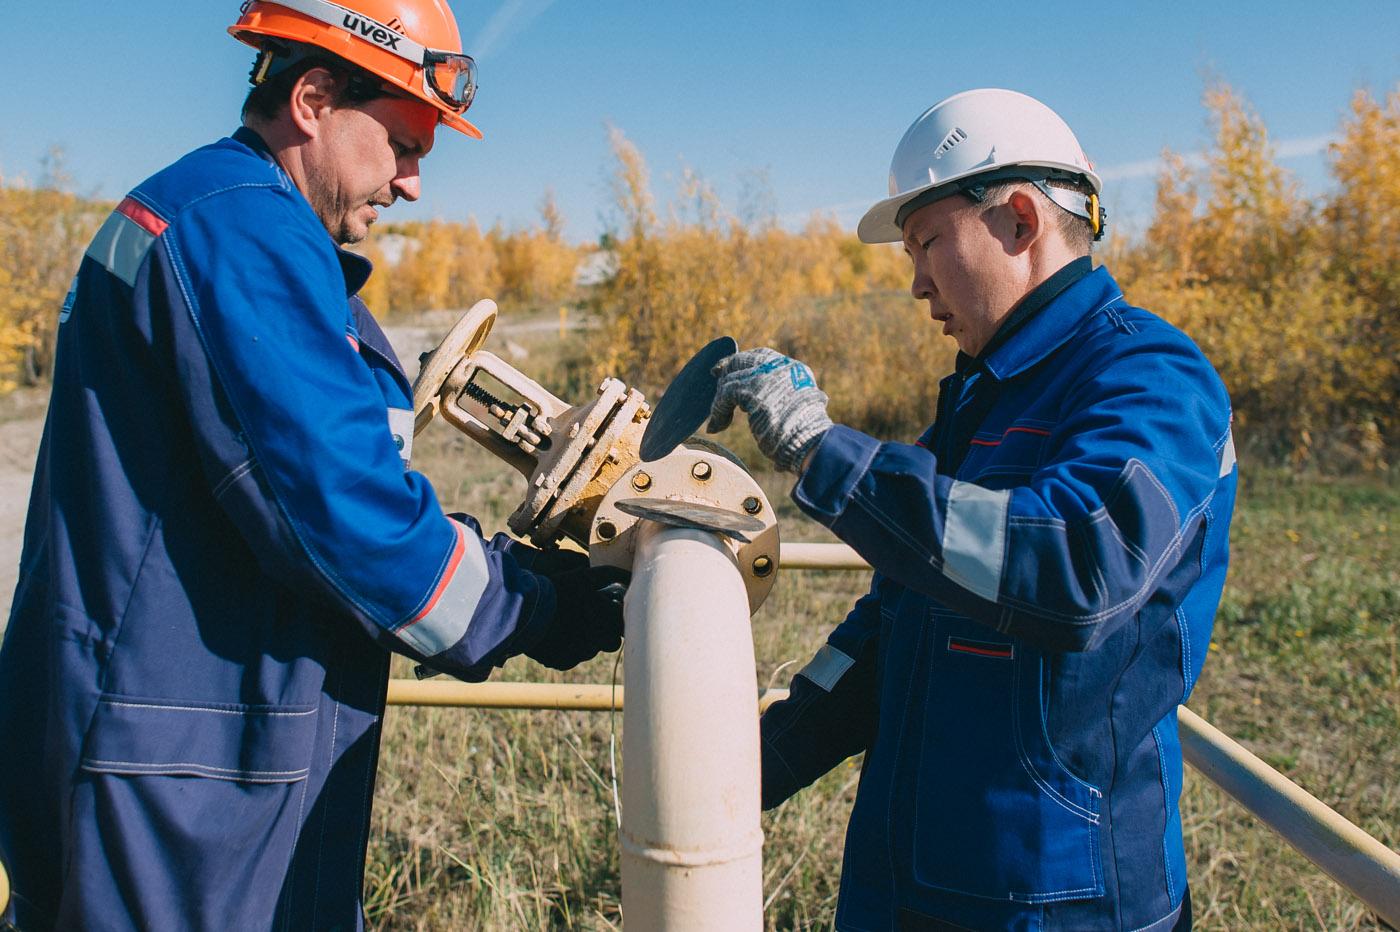 Жители Якутии могут подать заявку на бесплатное подведение газа до участка